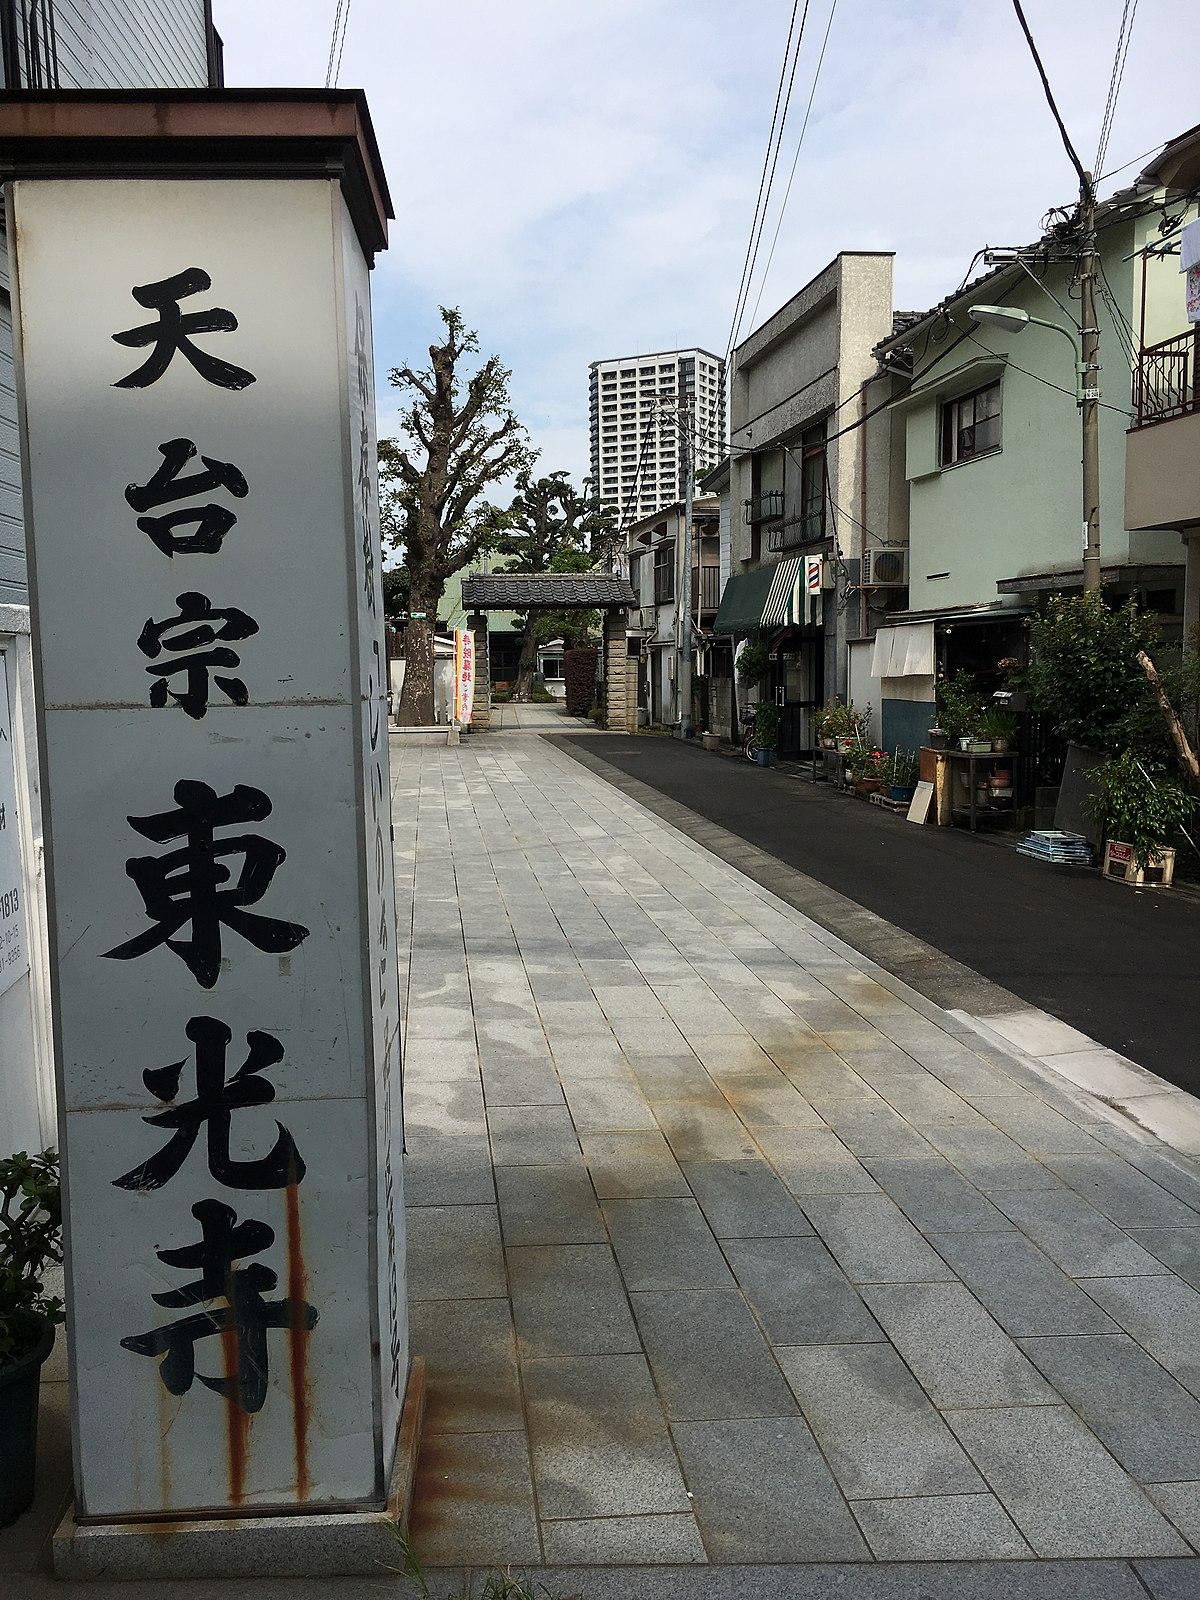 品川 区 東 五反田 郵便 番号